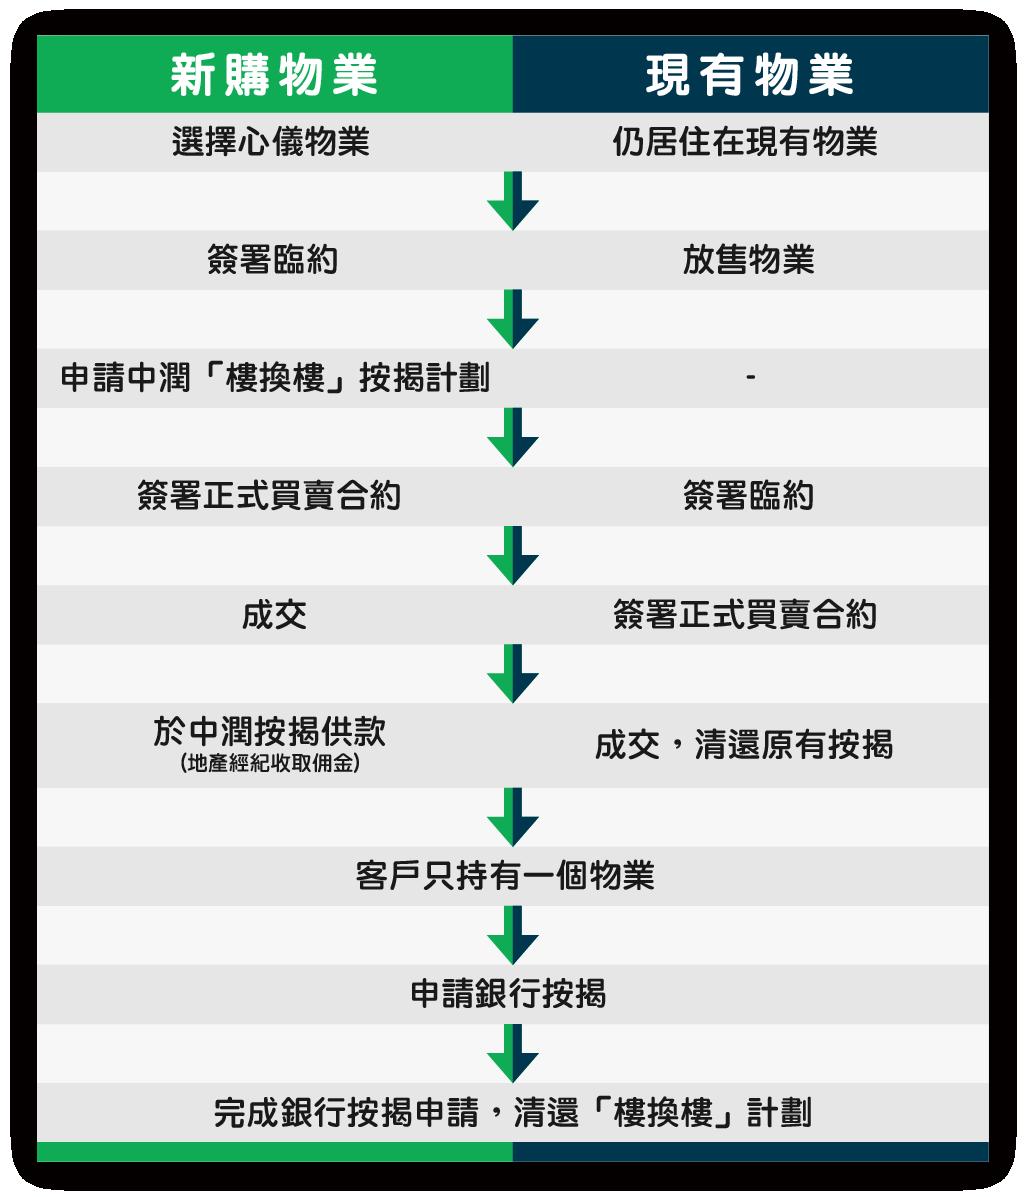 樓換樓按揭過渡計劃流程圖表